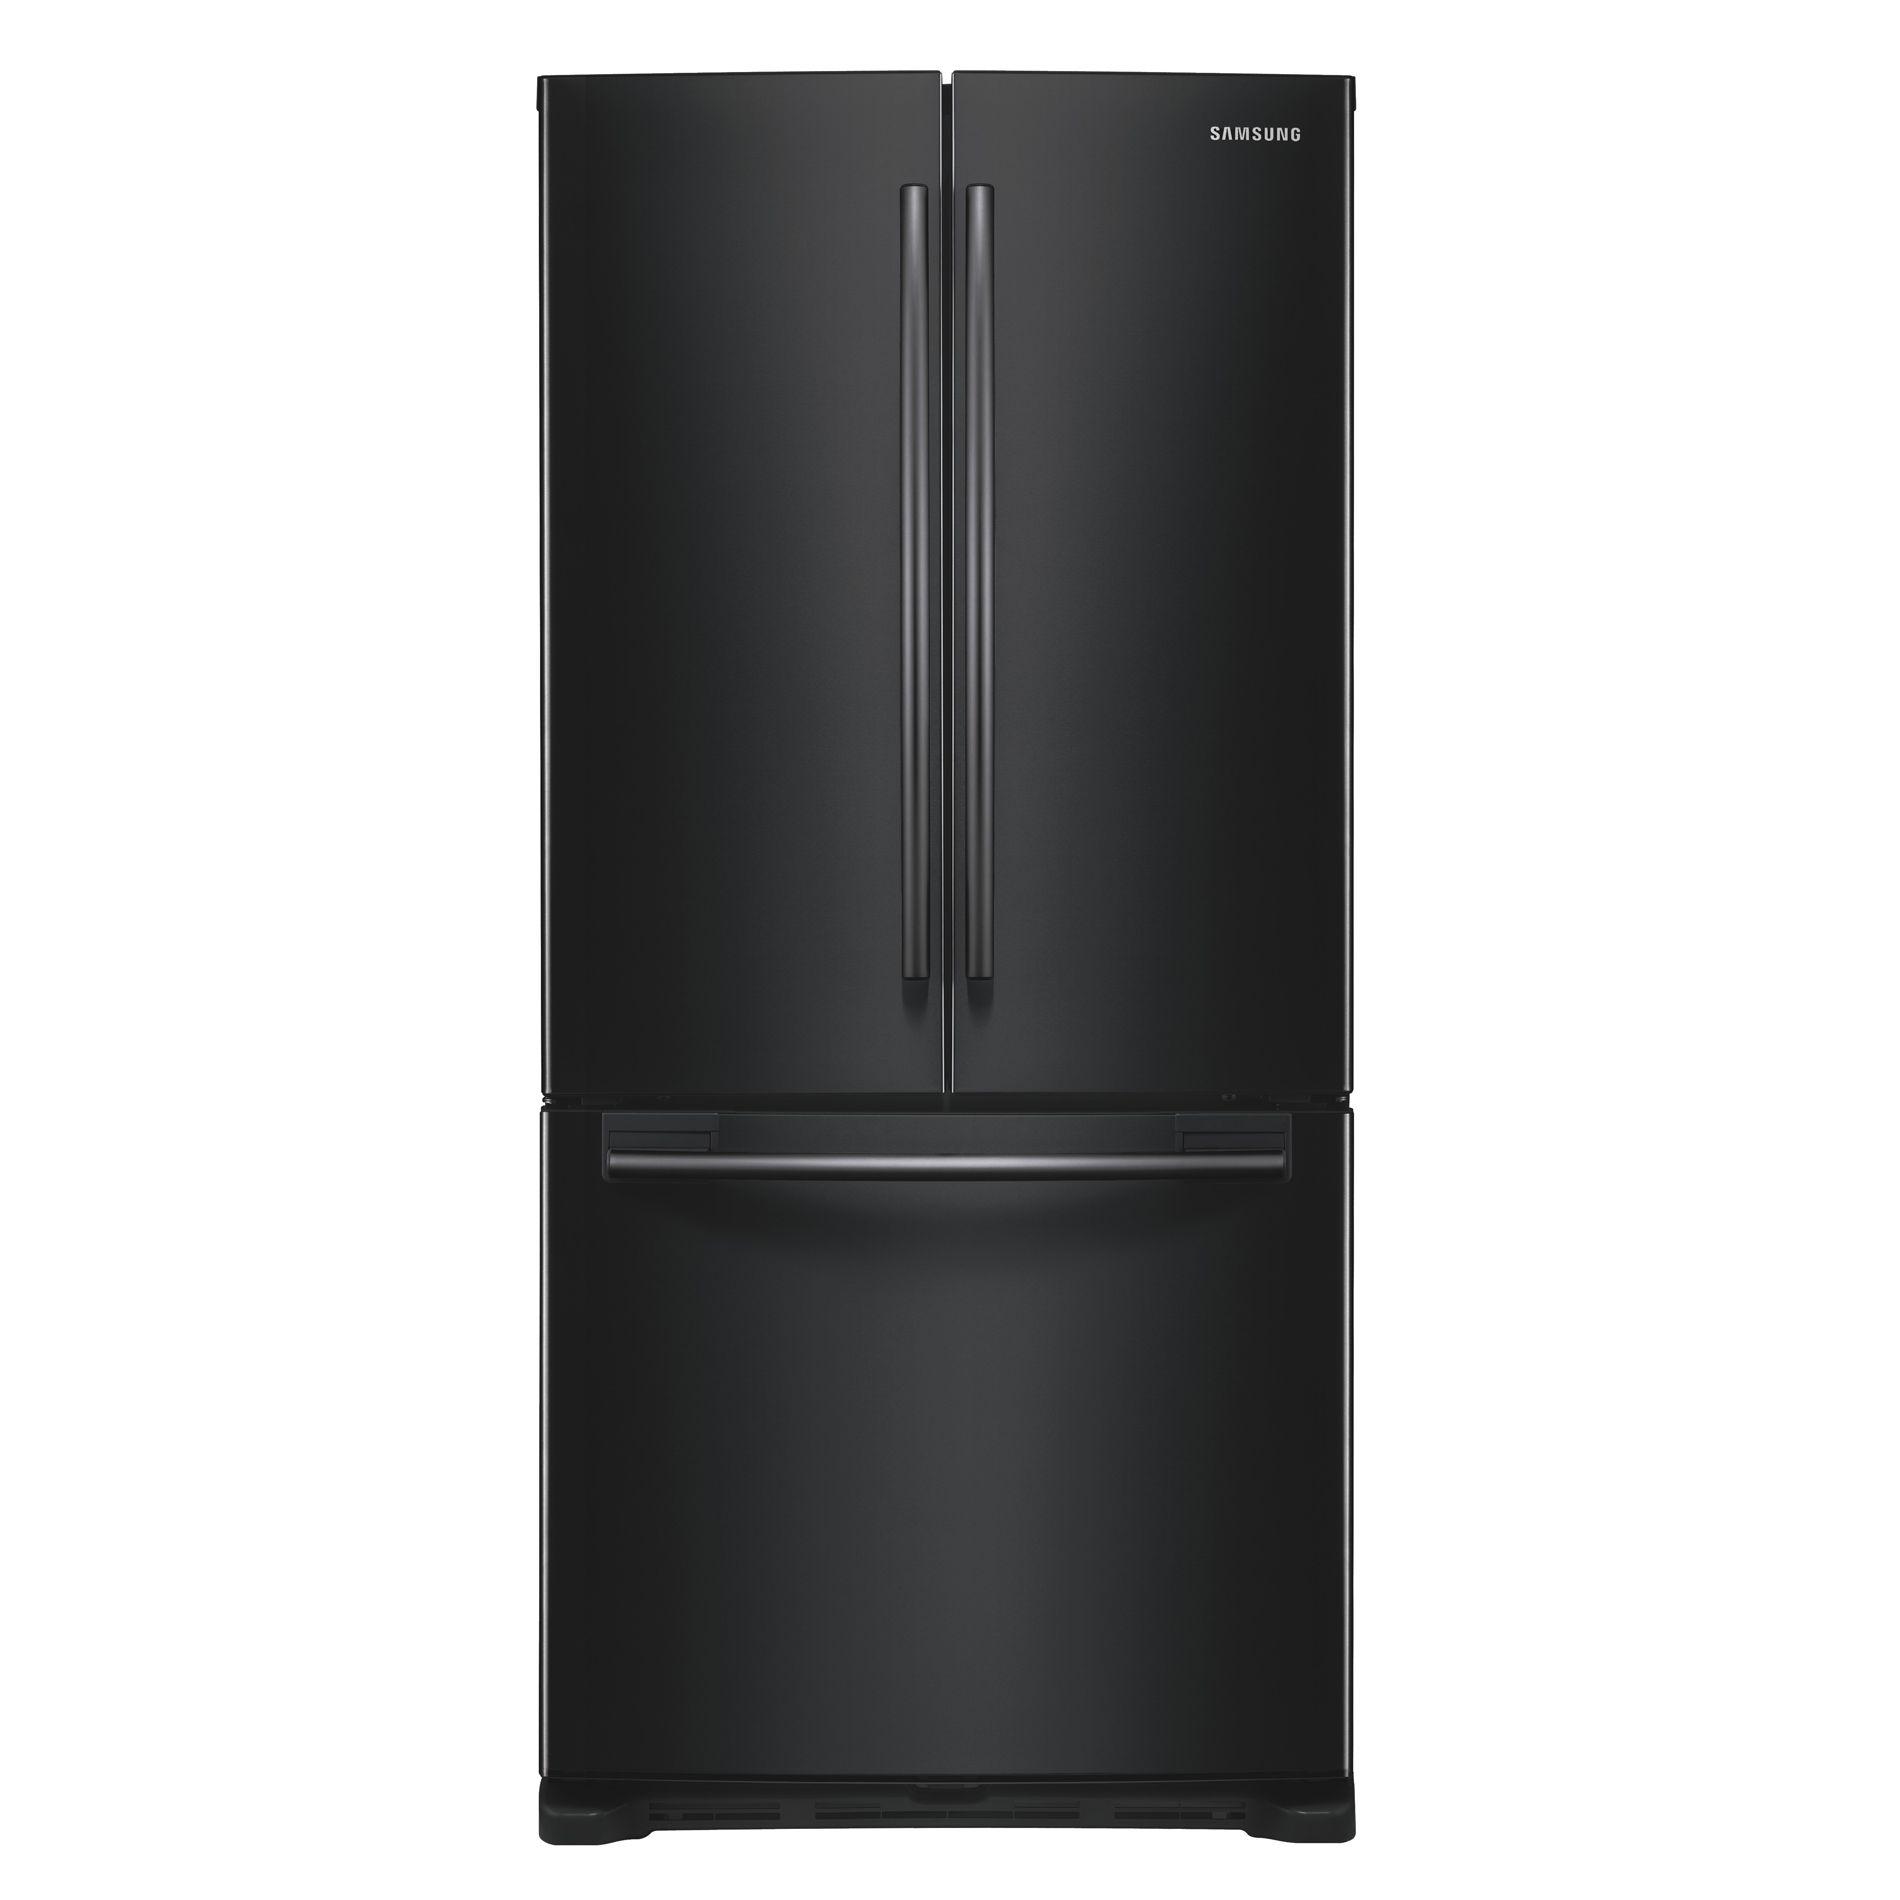 Samsung Rf197acbp 18 0 Cu Ft Bottom Freezer Refrigerator